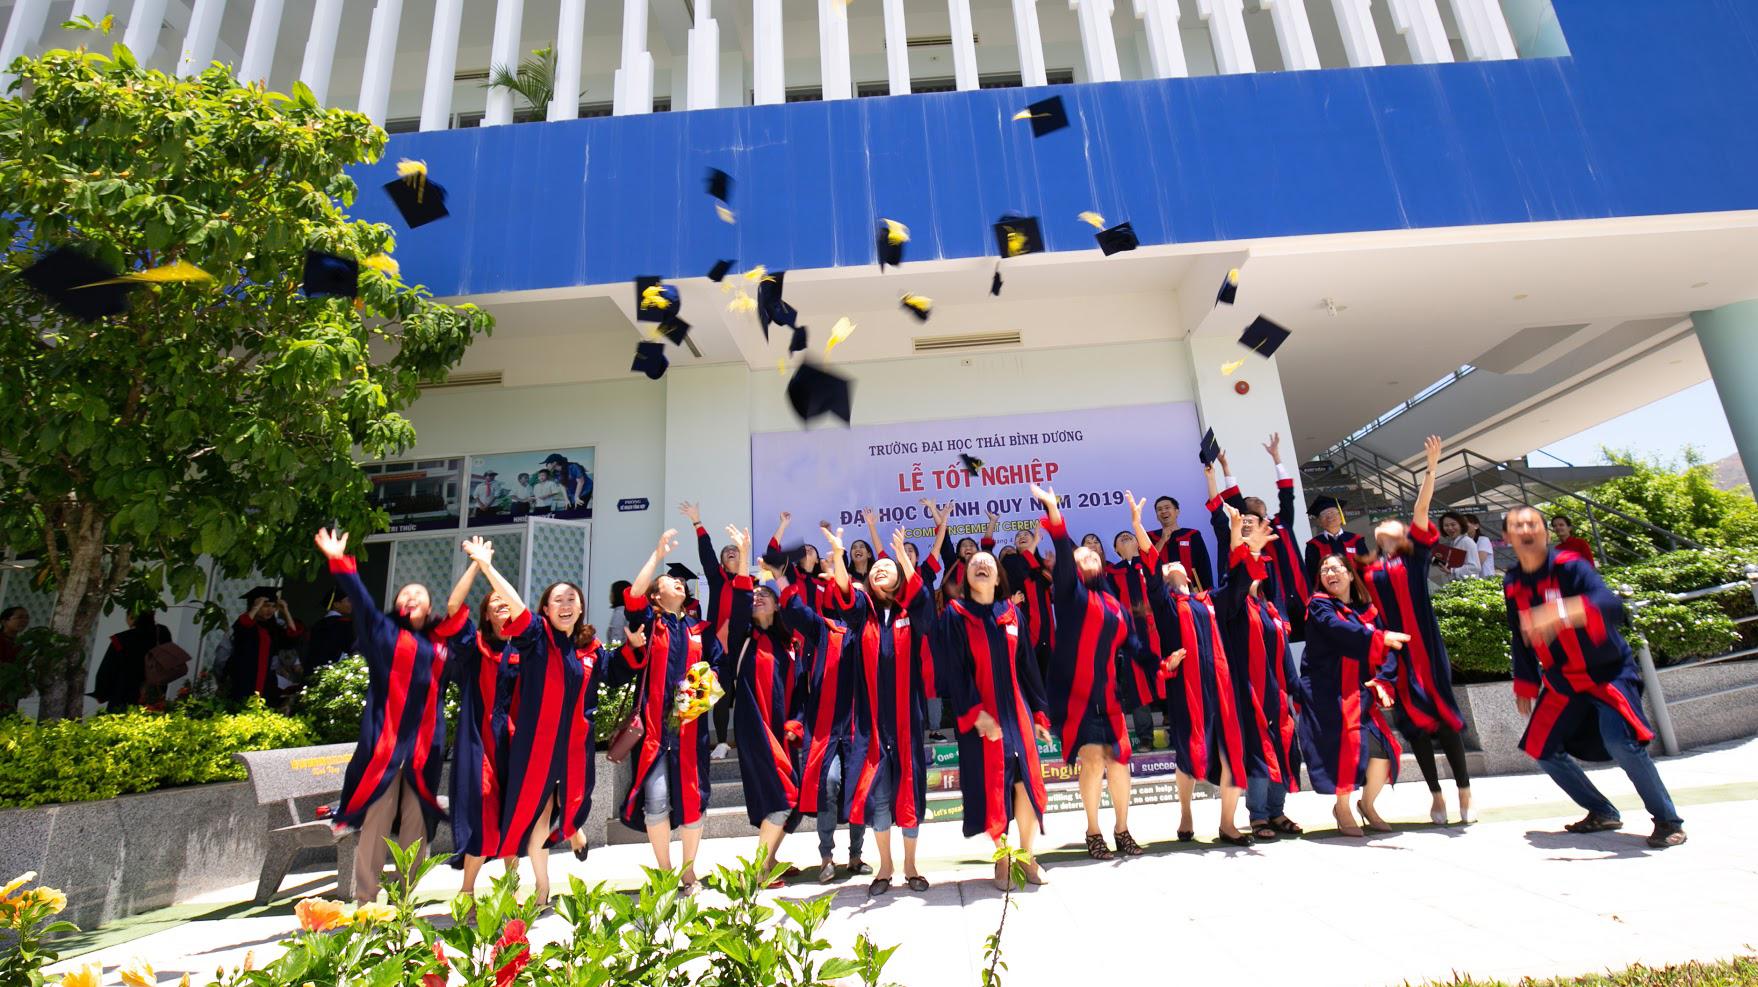 Giao lưu – Tọa đàm: Đại học Thái Bình Dương – Mô hình giáo dục khai phóng